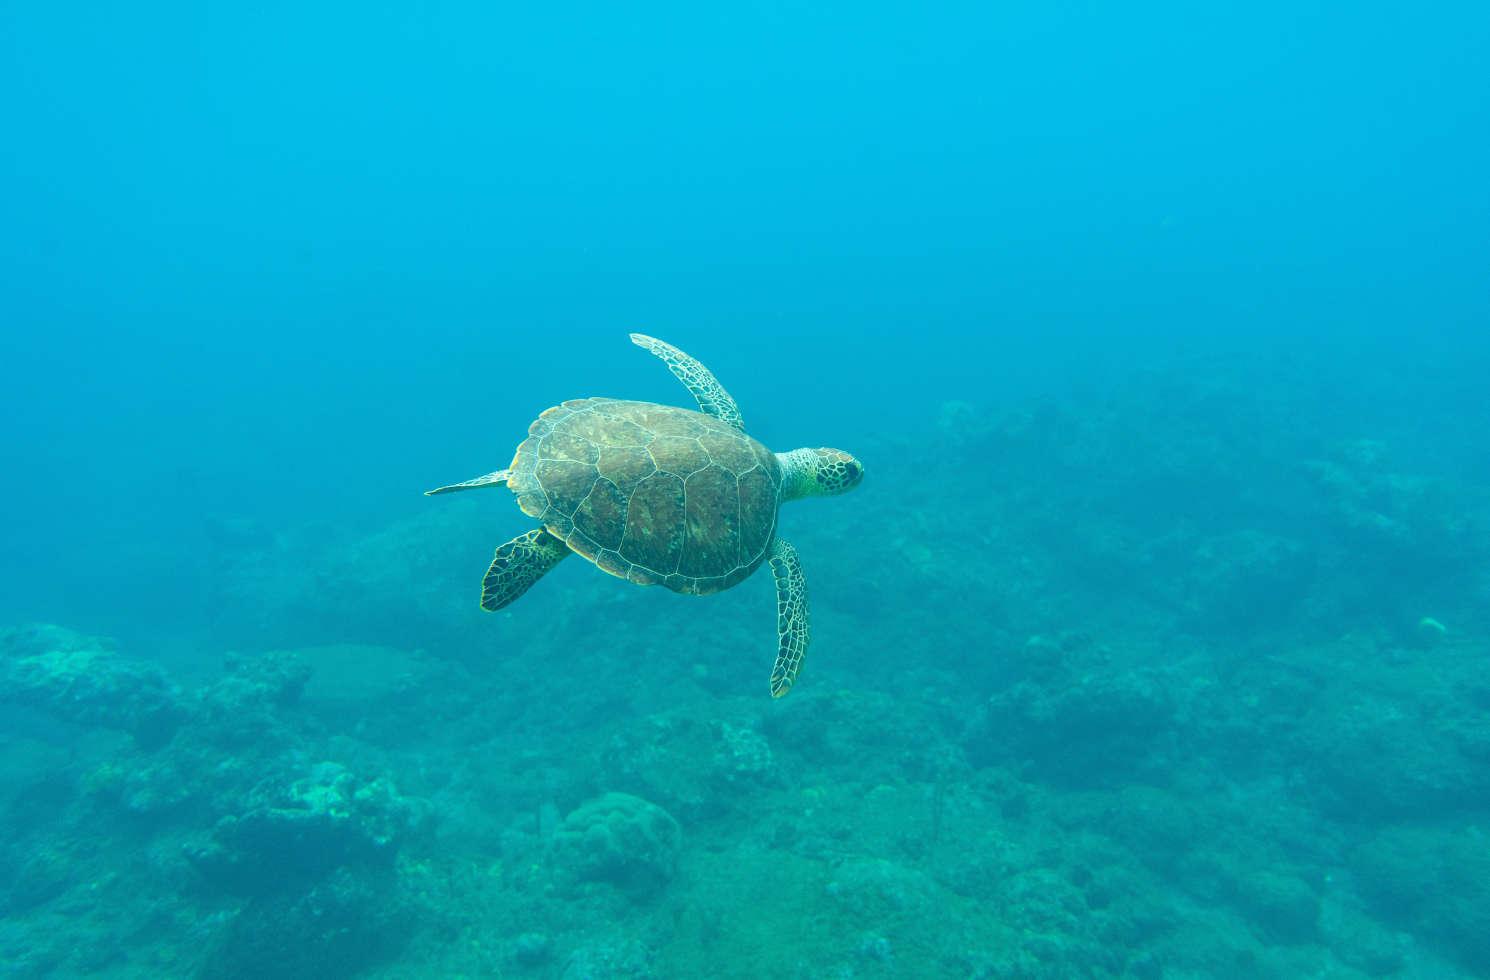 Praktikum in der Karibik im Bereich Klimaschutz